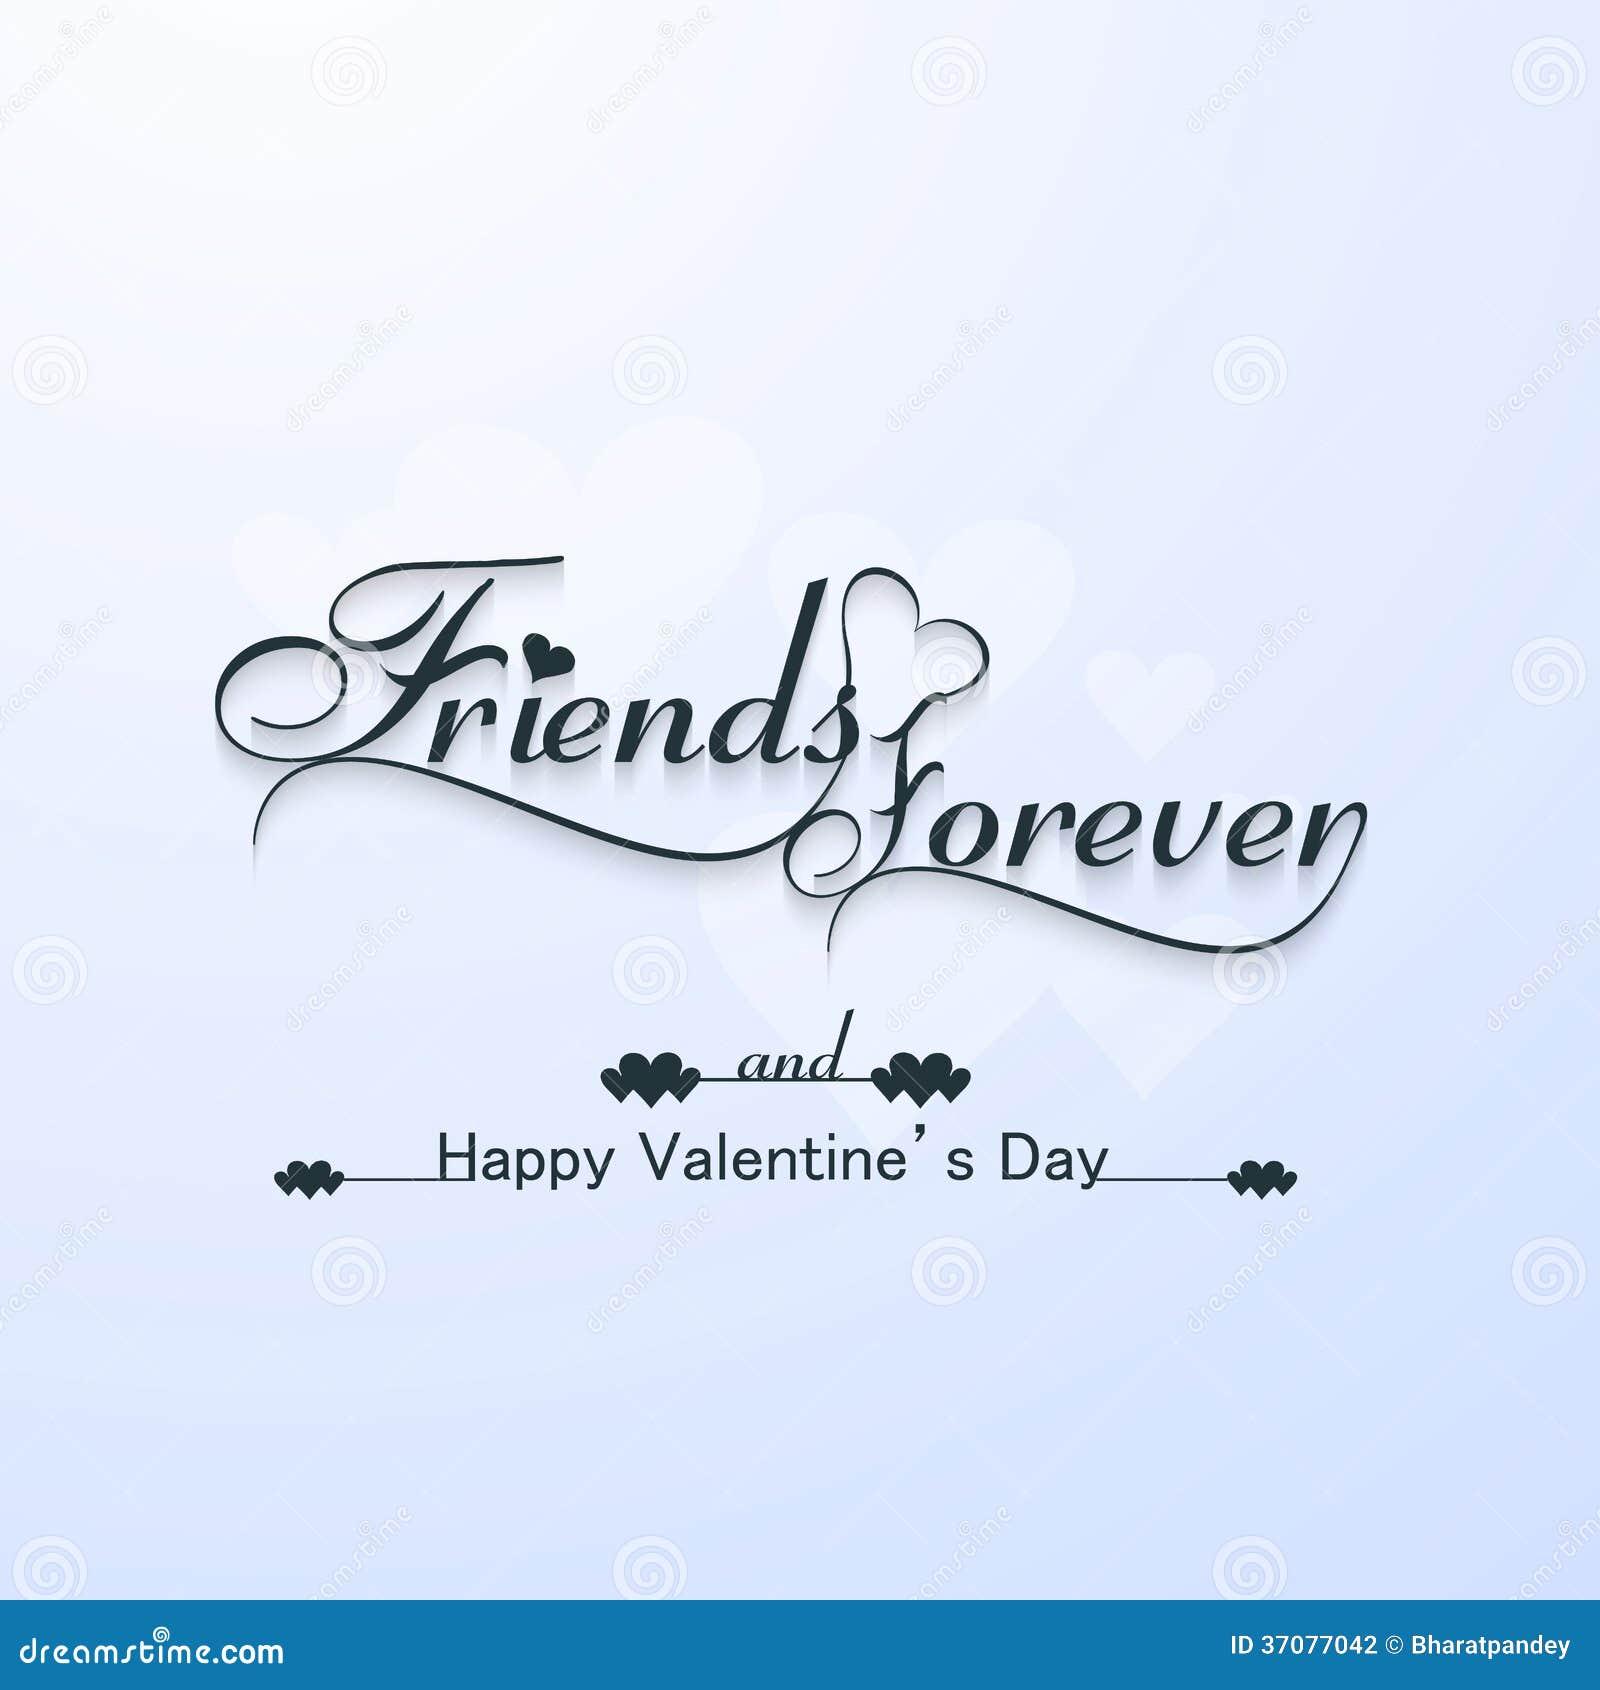 Tarjeta de San Valentín amigos para siempre